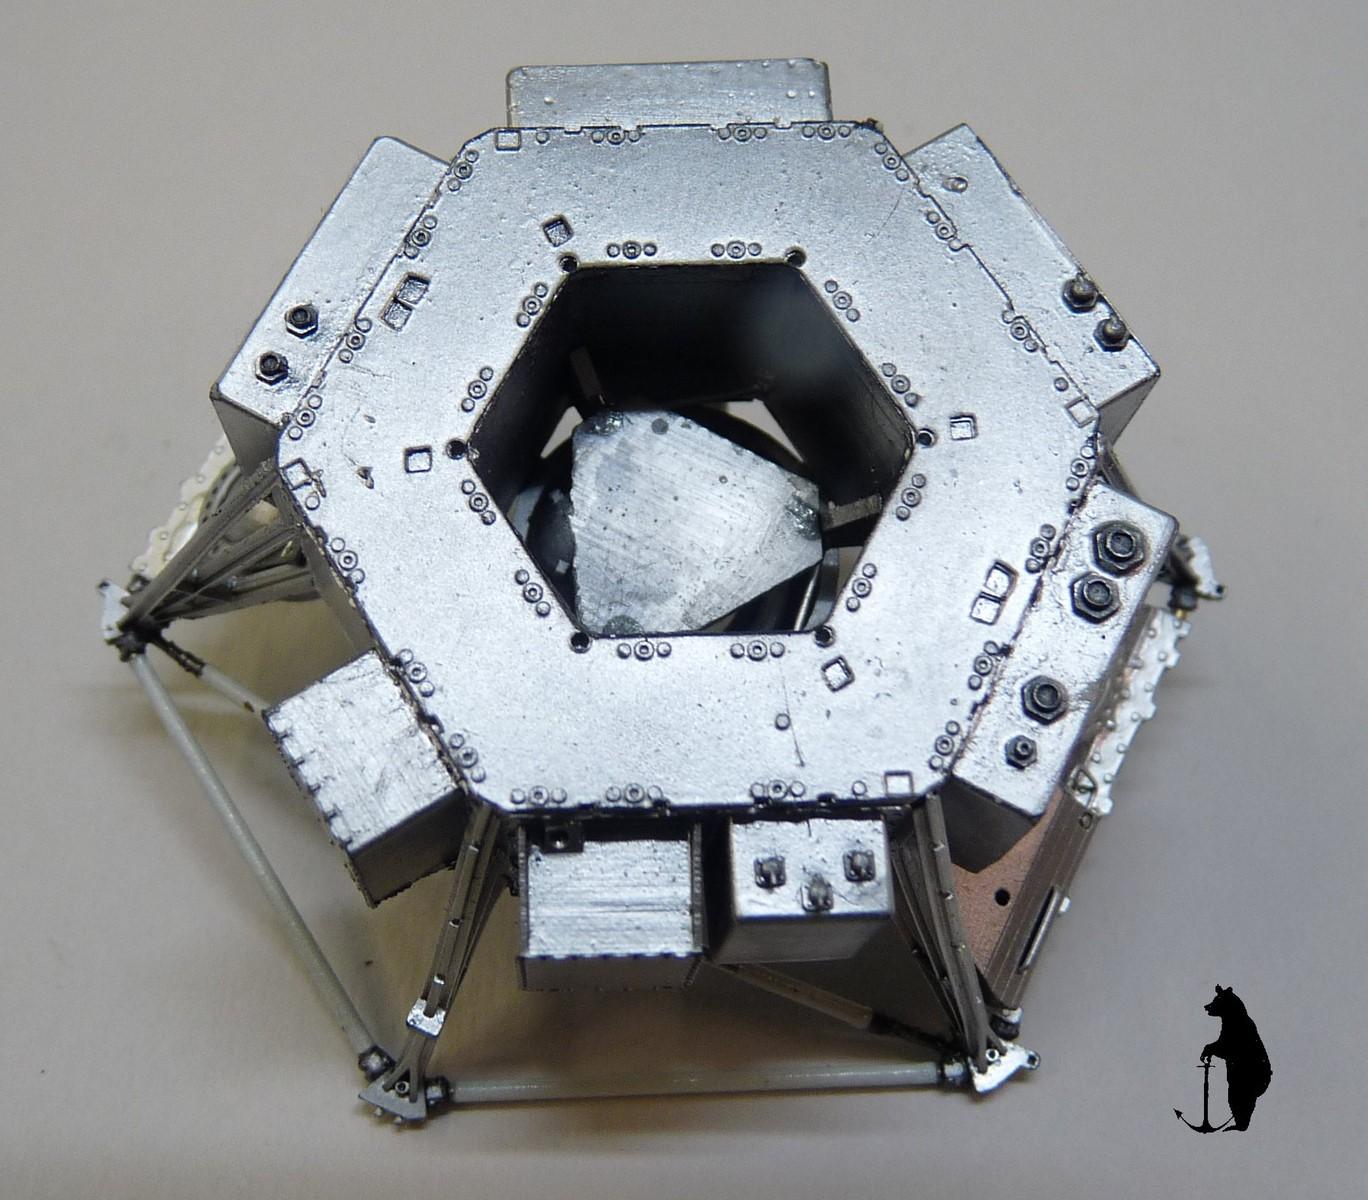 Crash-test planétaire : la sonde lunaire Ranger 8 au 1/24e 17072103225223134915160149